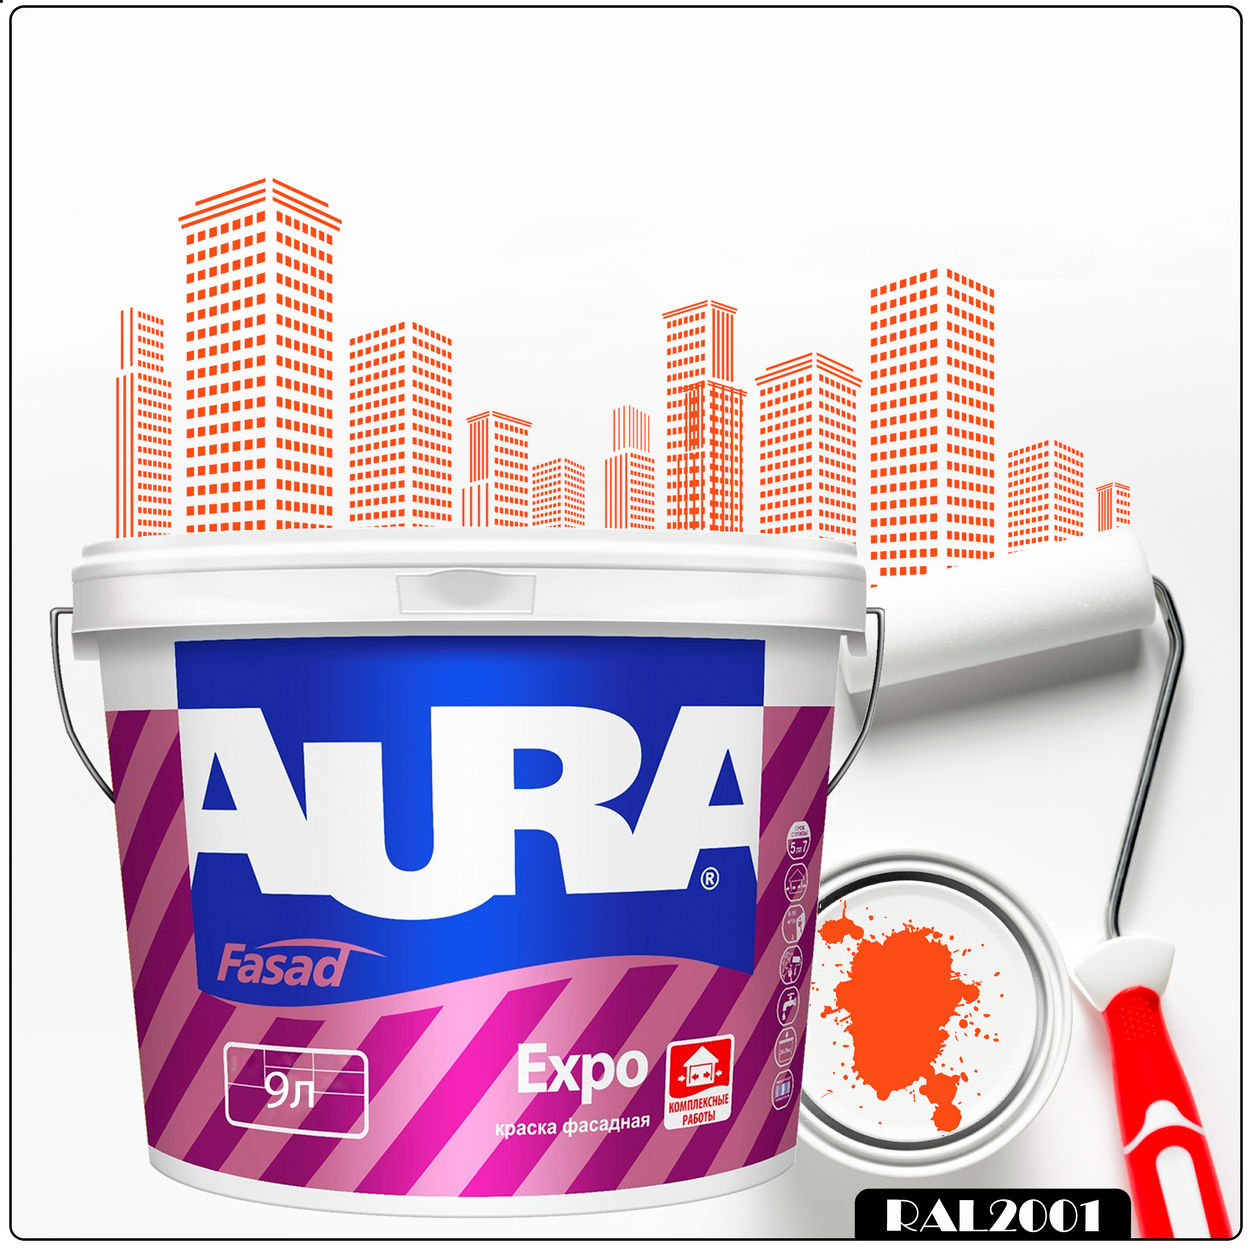 Фото 1 - Краска Aura Fasad Expo, RAL 2001 Красно-оранжевый, матовая, для фасадов и помещений с повышенной влажностью, 9л.